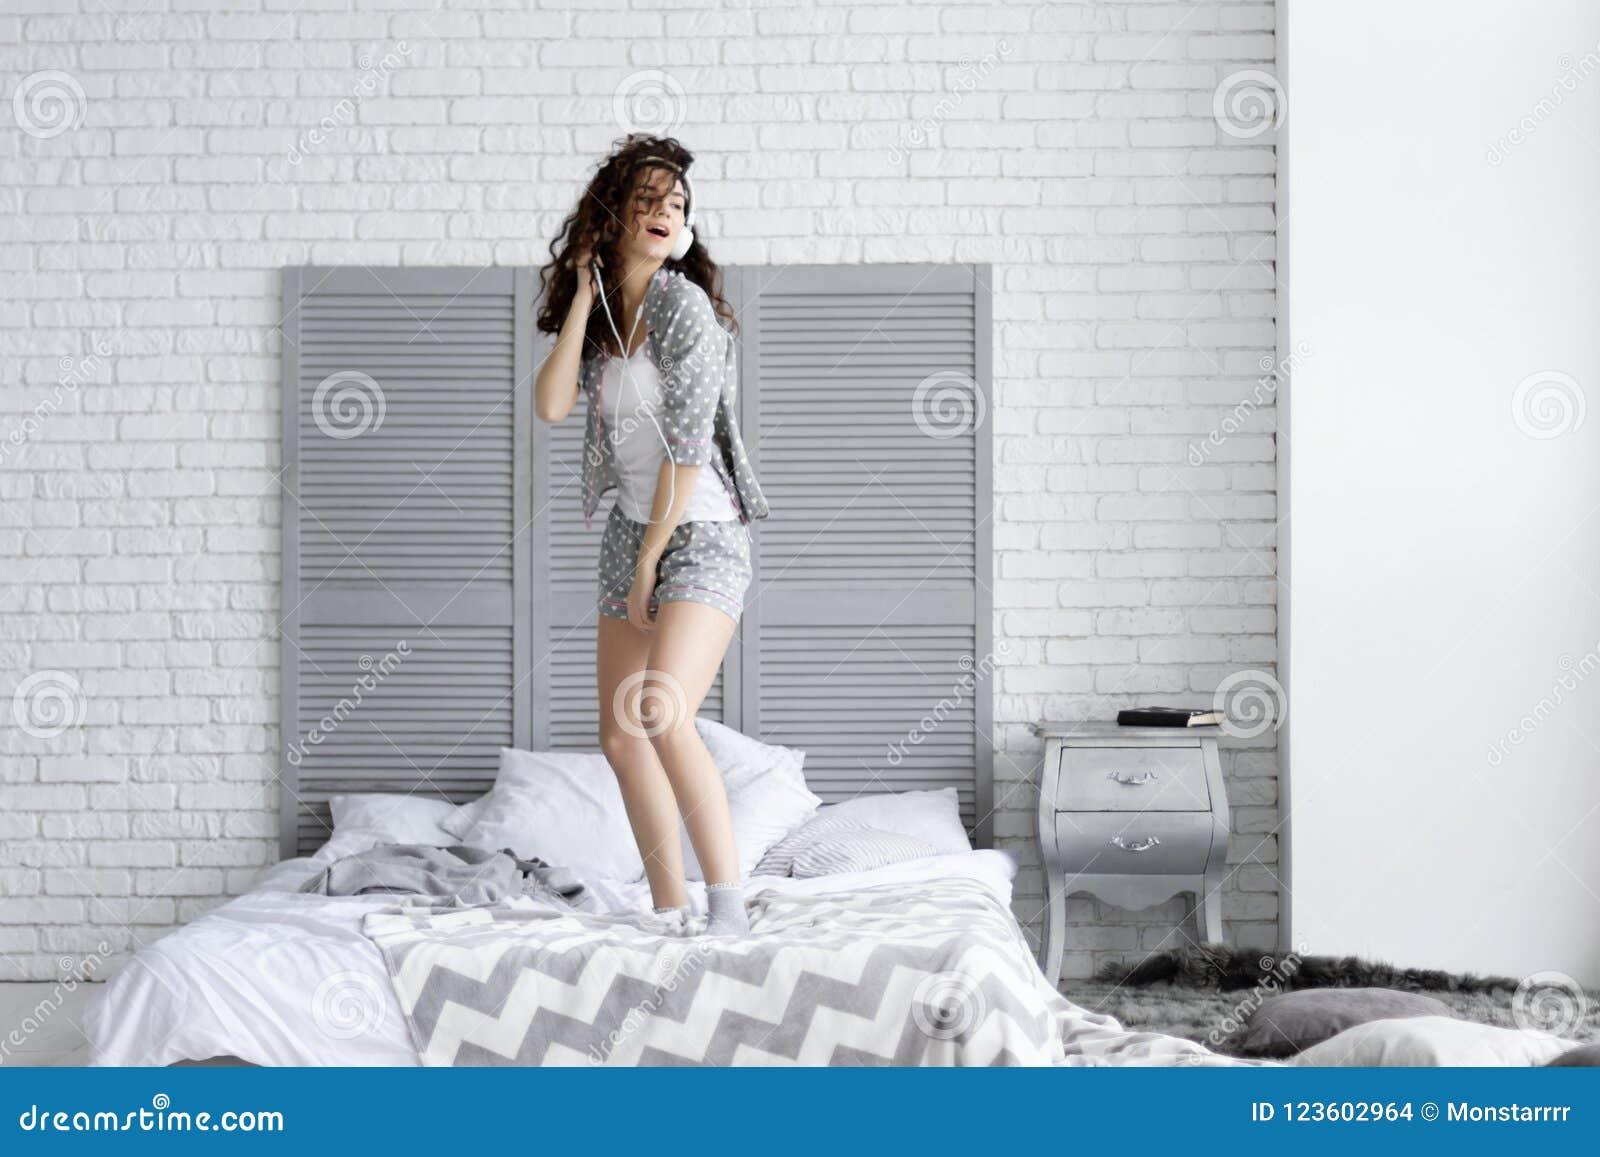 Die glückliche Brunettefrau trägt graue Pyjamakopfhörer hörend auf Musiktanzen